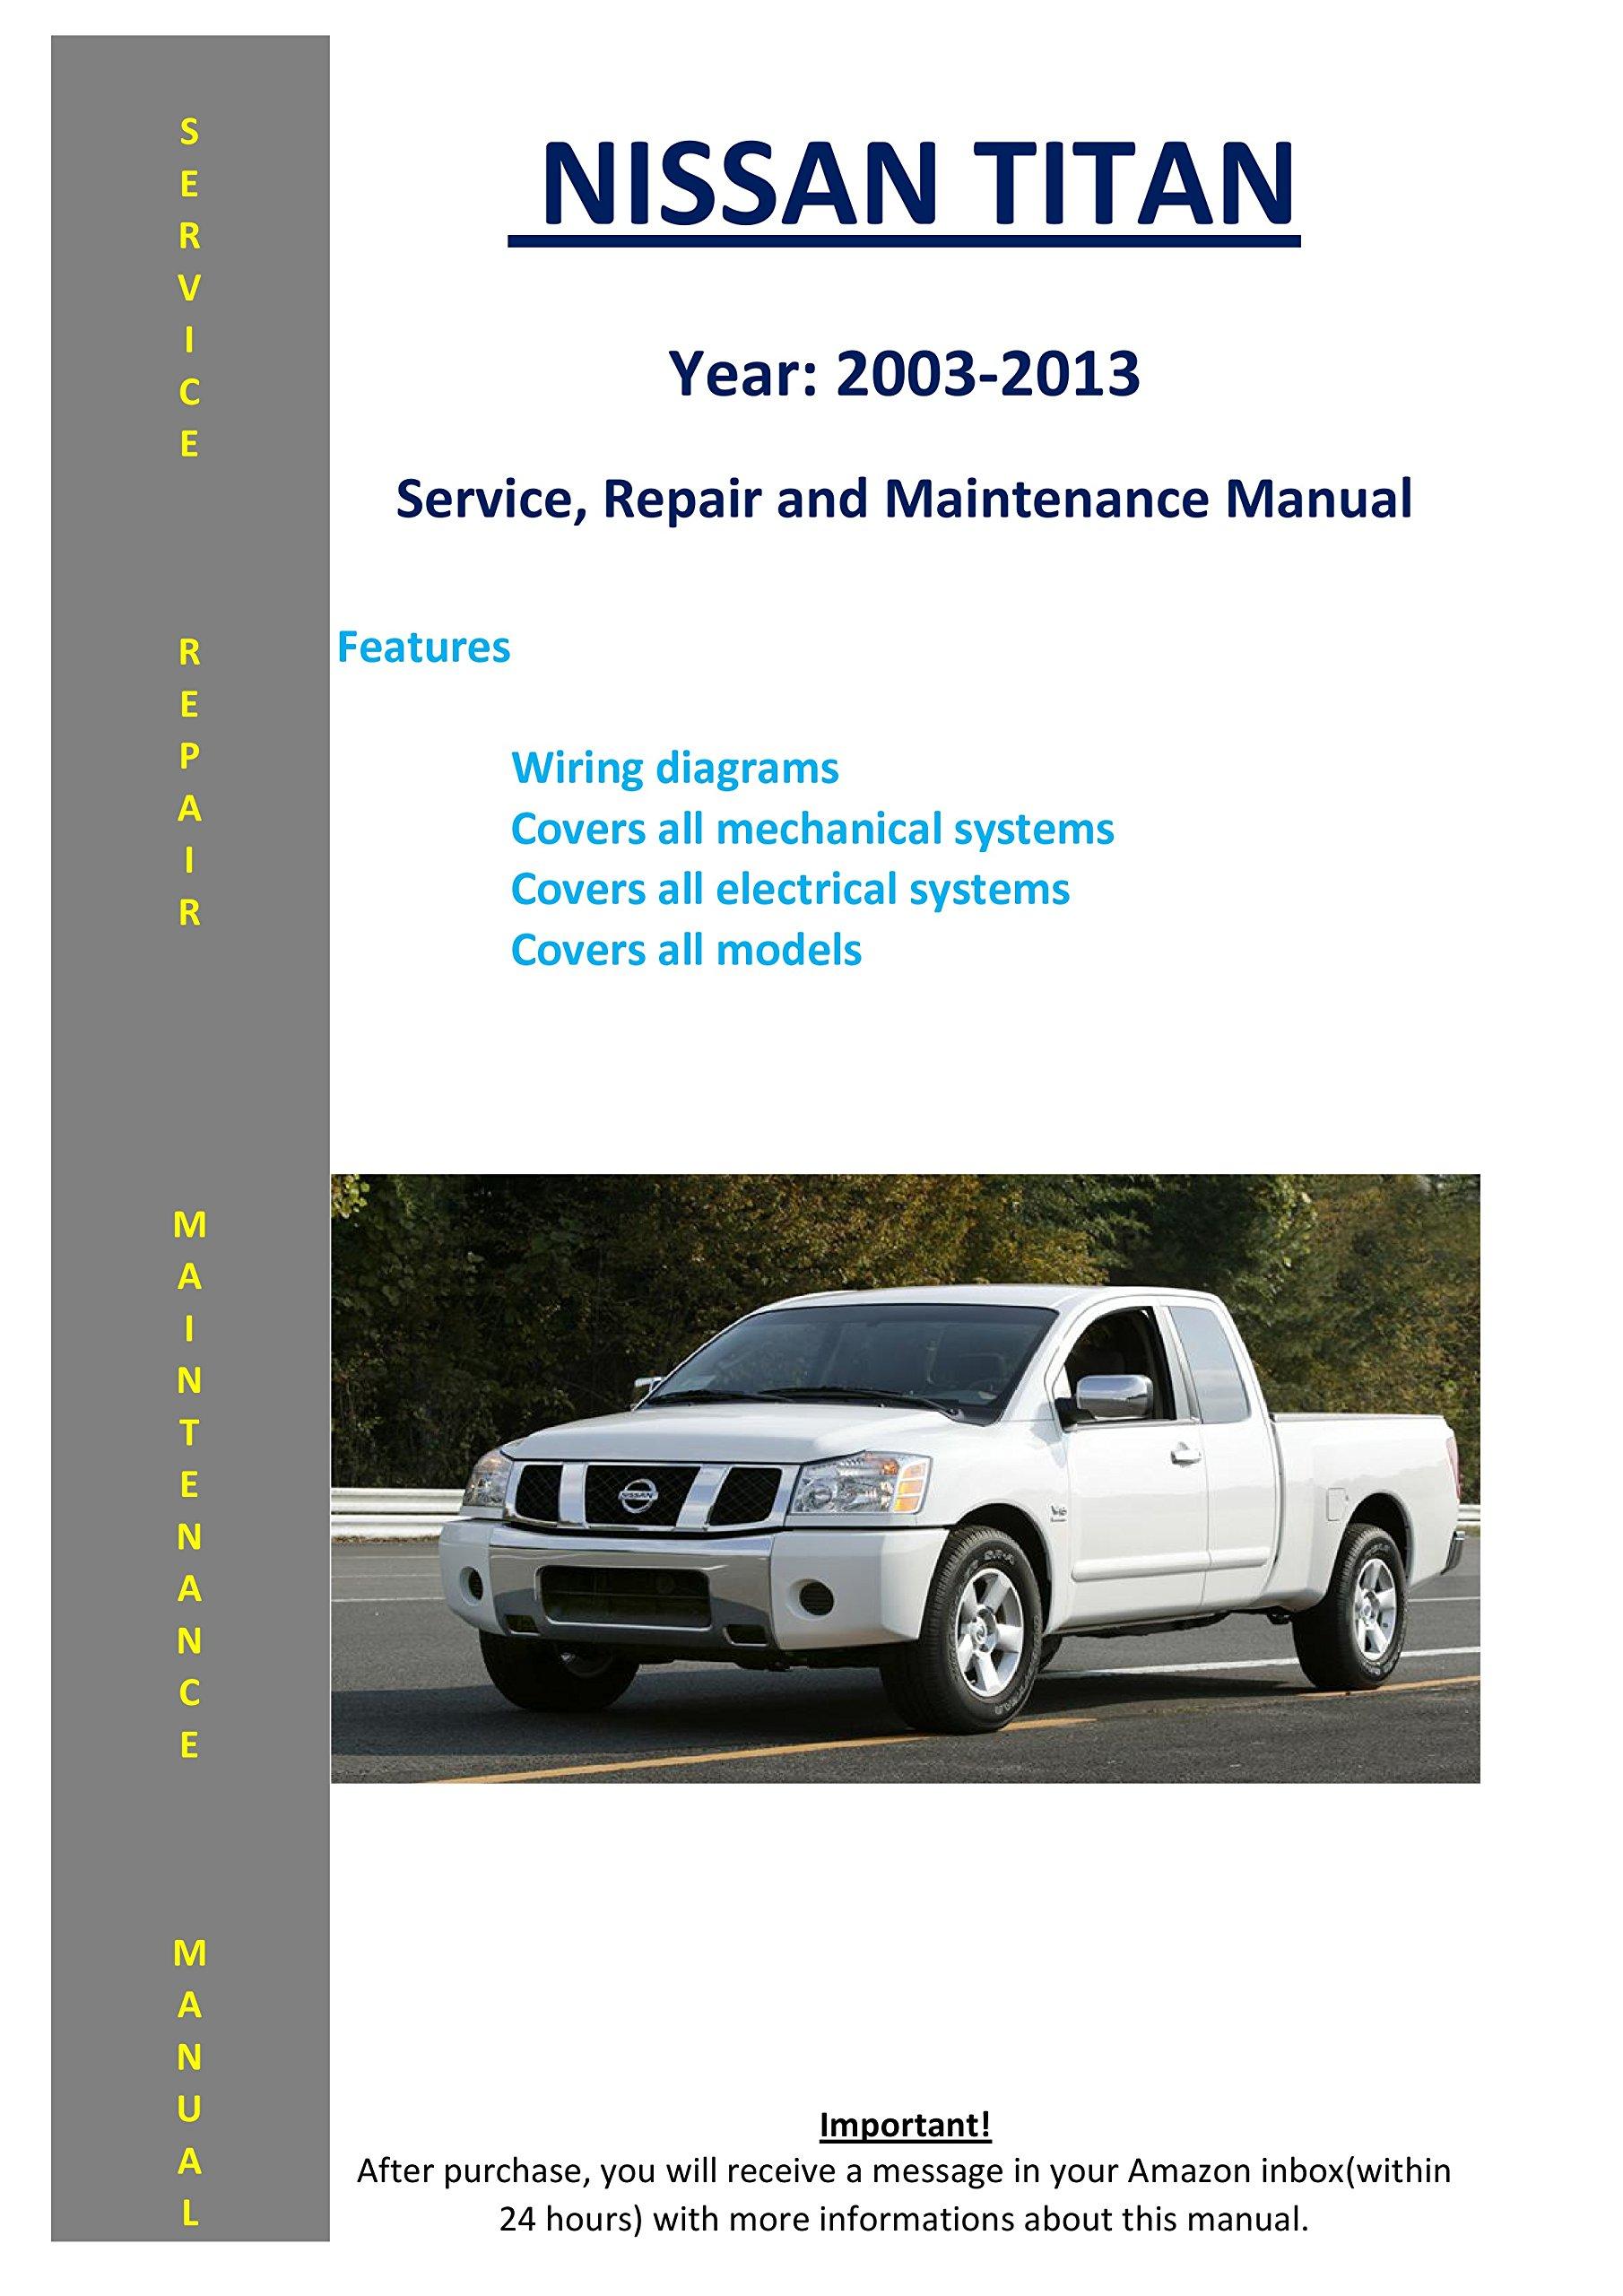 nissan titan 2003-2013 service repair workshop maintenance manual map – 2014